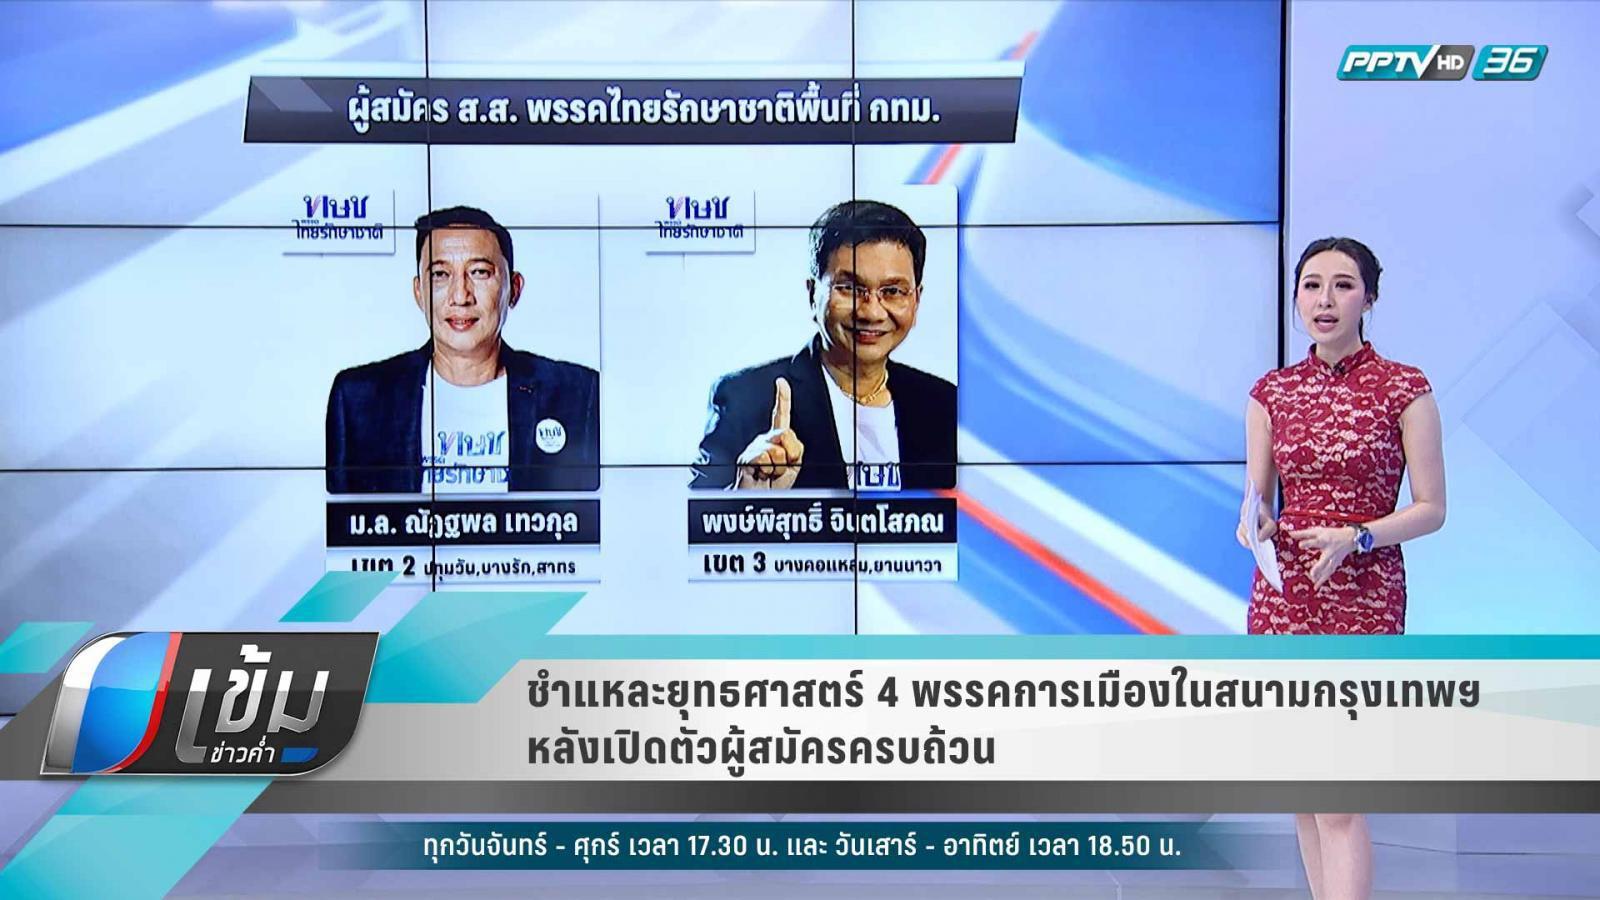 เปิดสูตร 22-8 เพื่อไทย-ไทยรักษาชาติ ชิงเก้าอี้สนามเมืองหลวง